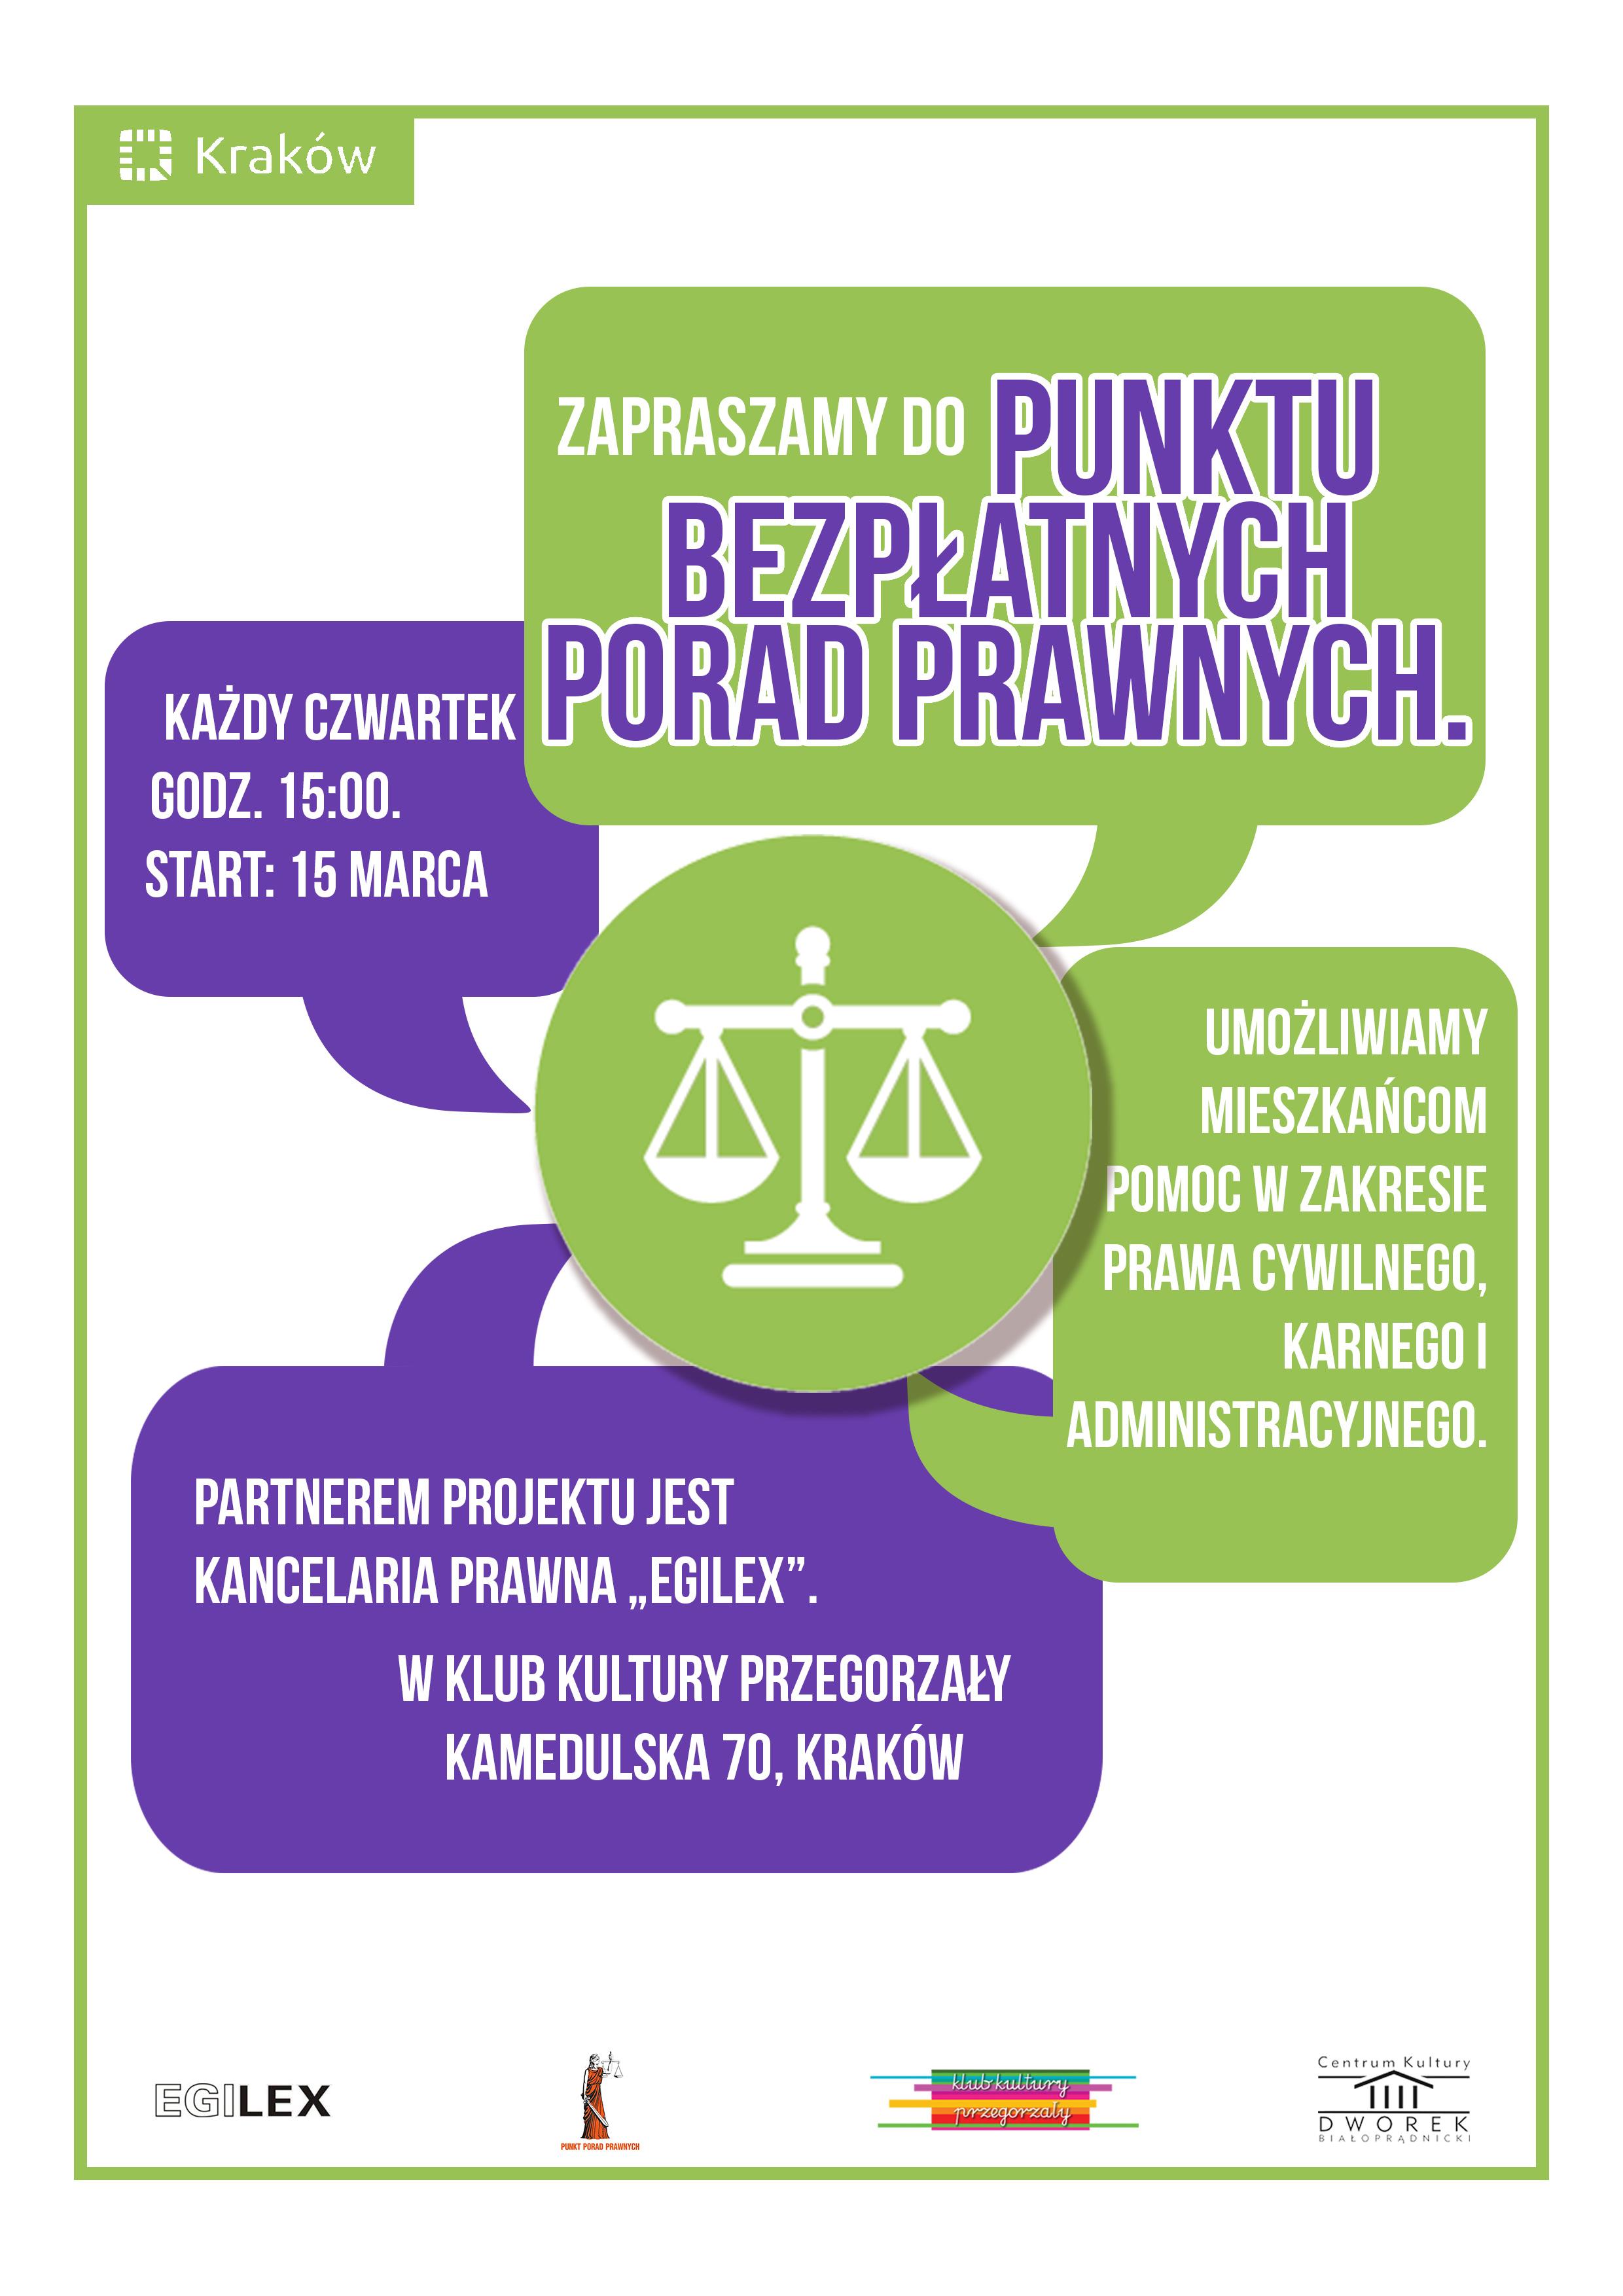 Porady prawne (plakat)